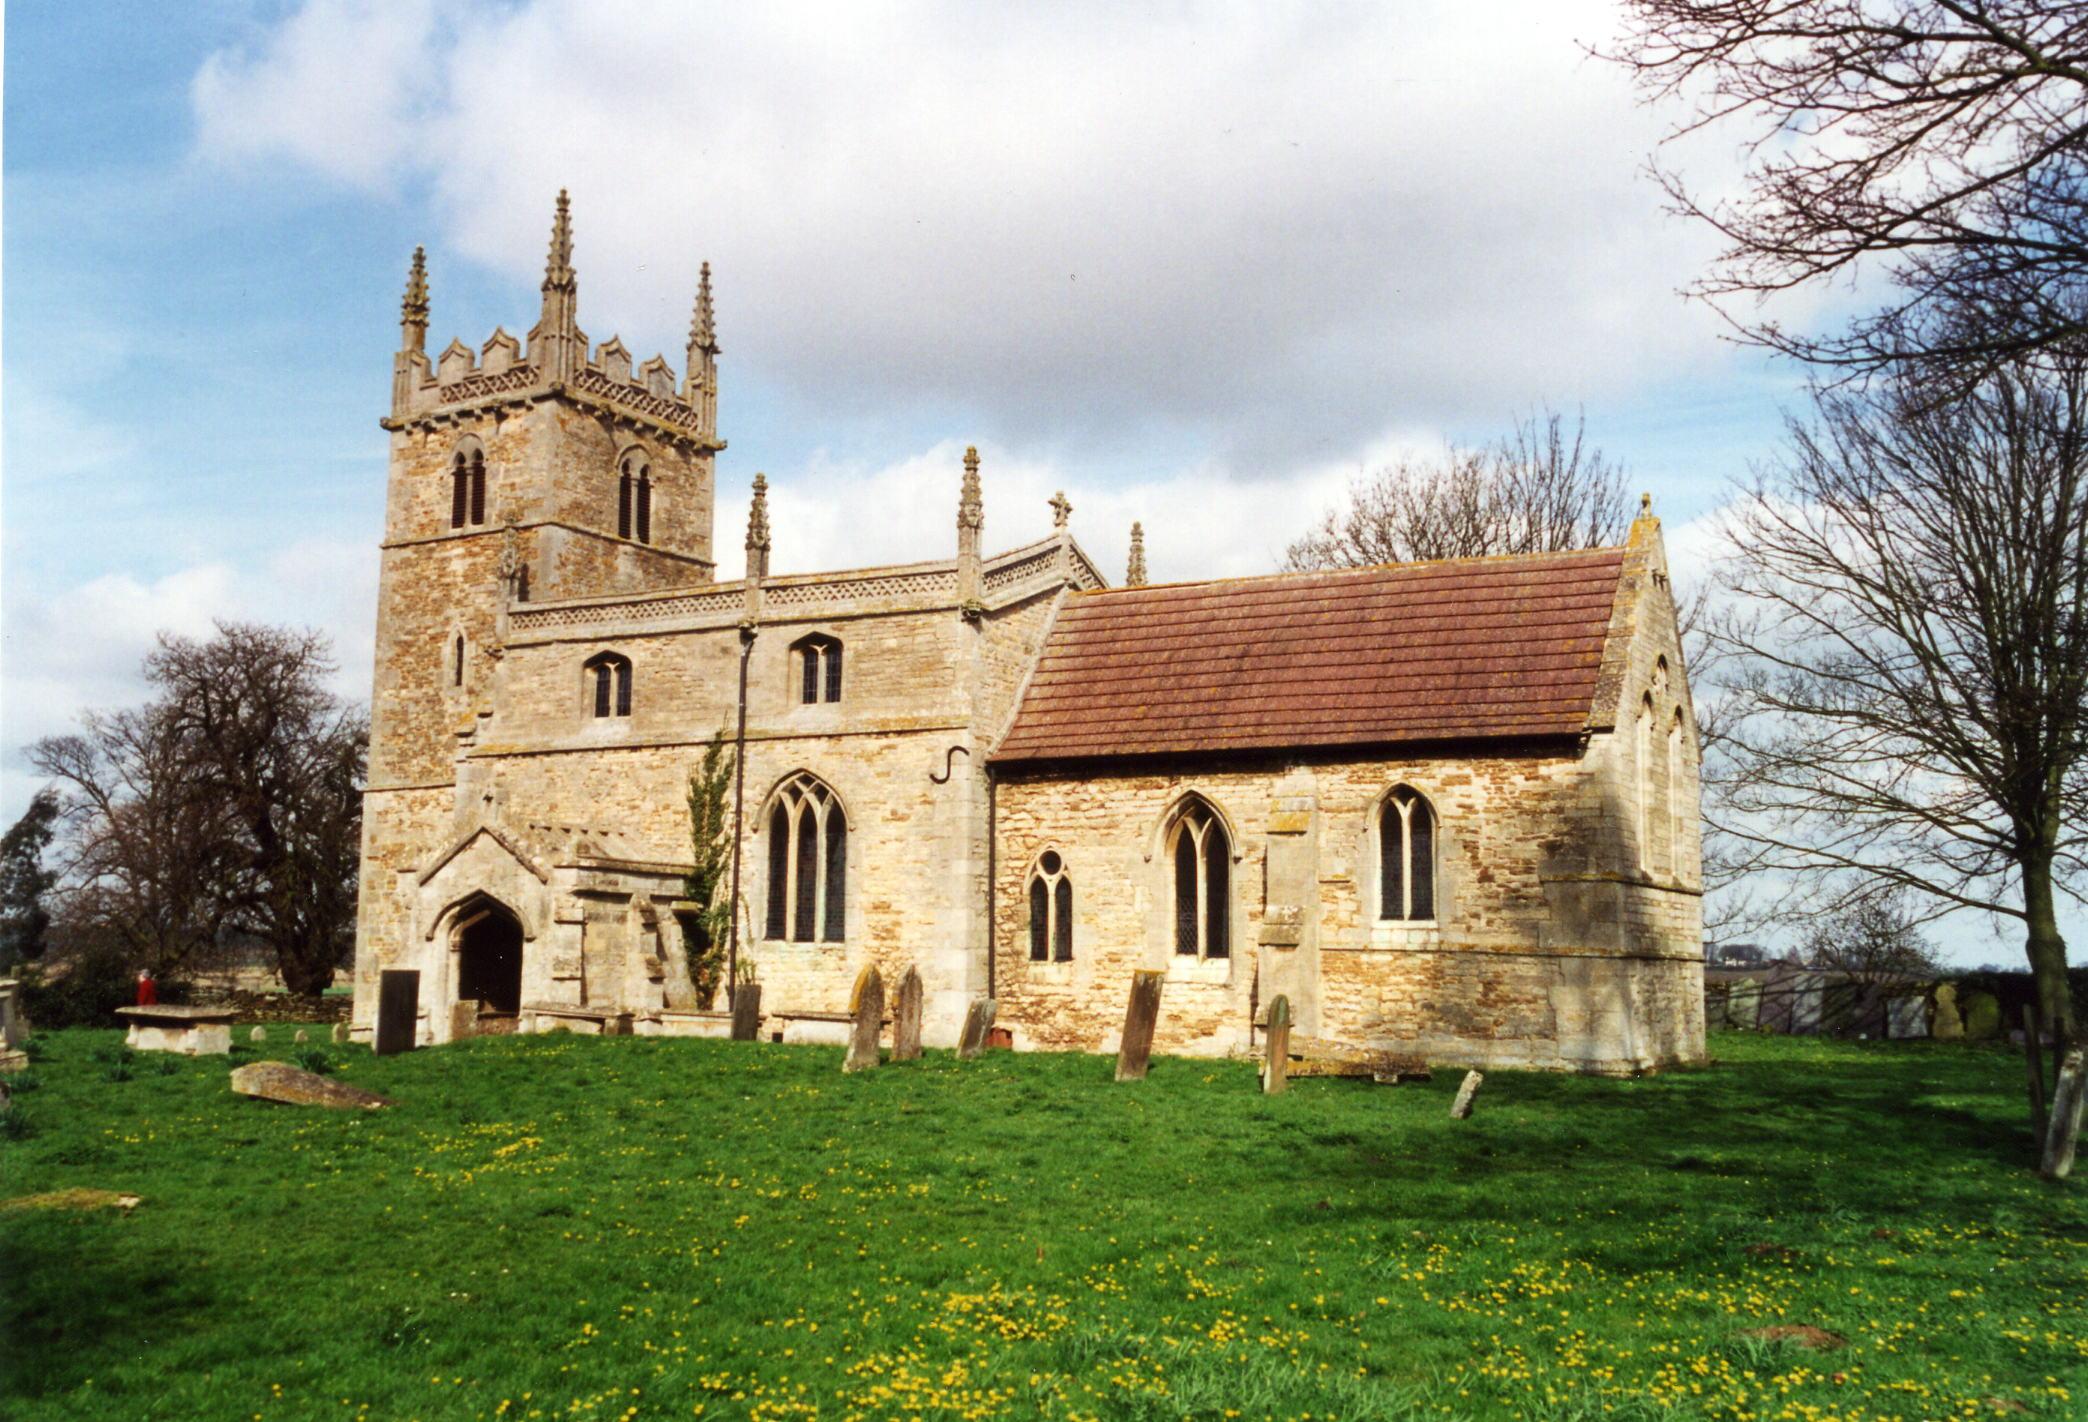 Honington St. Wilfrid parish church